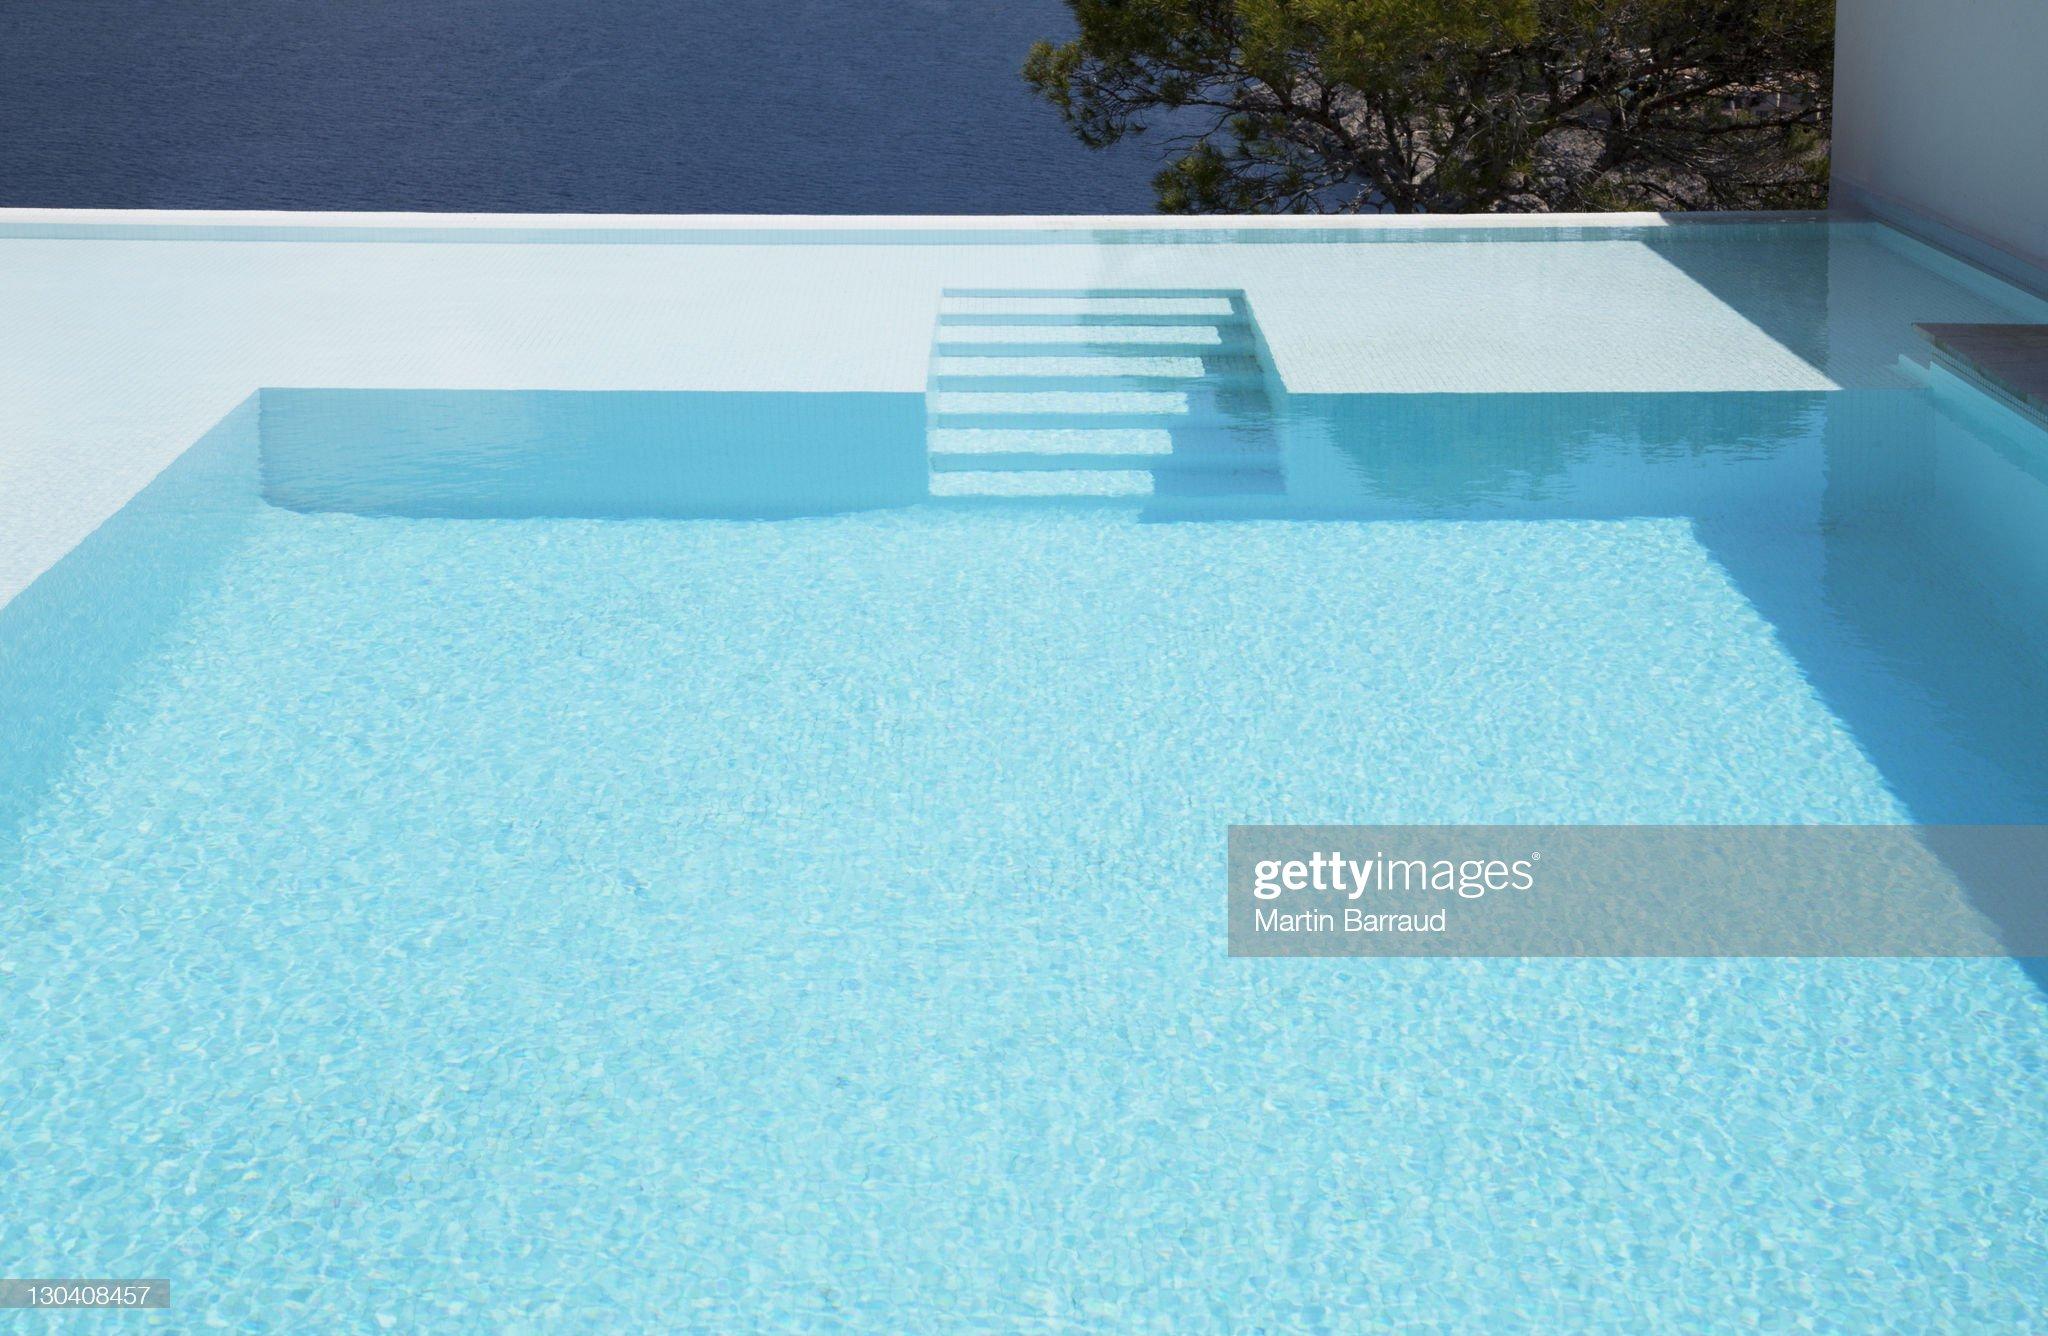 Pas de sous-marine dans la piscine à débordement : Photo